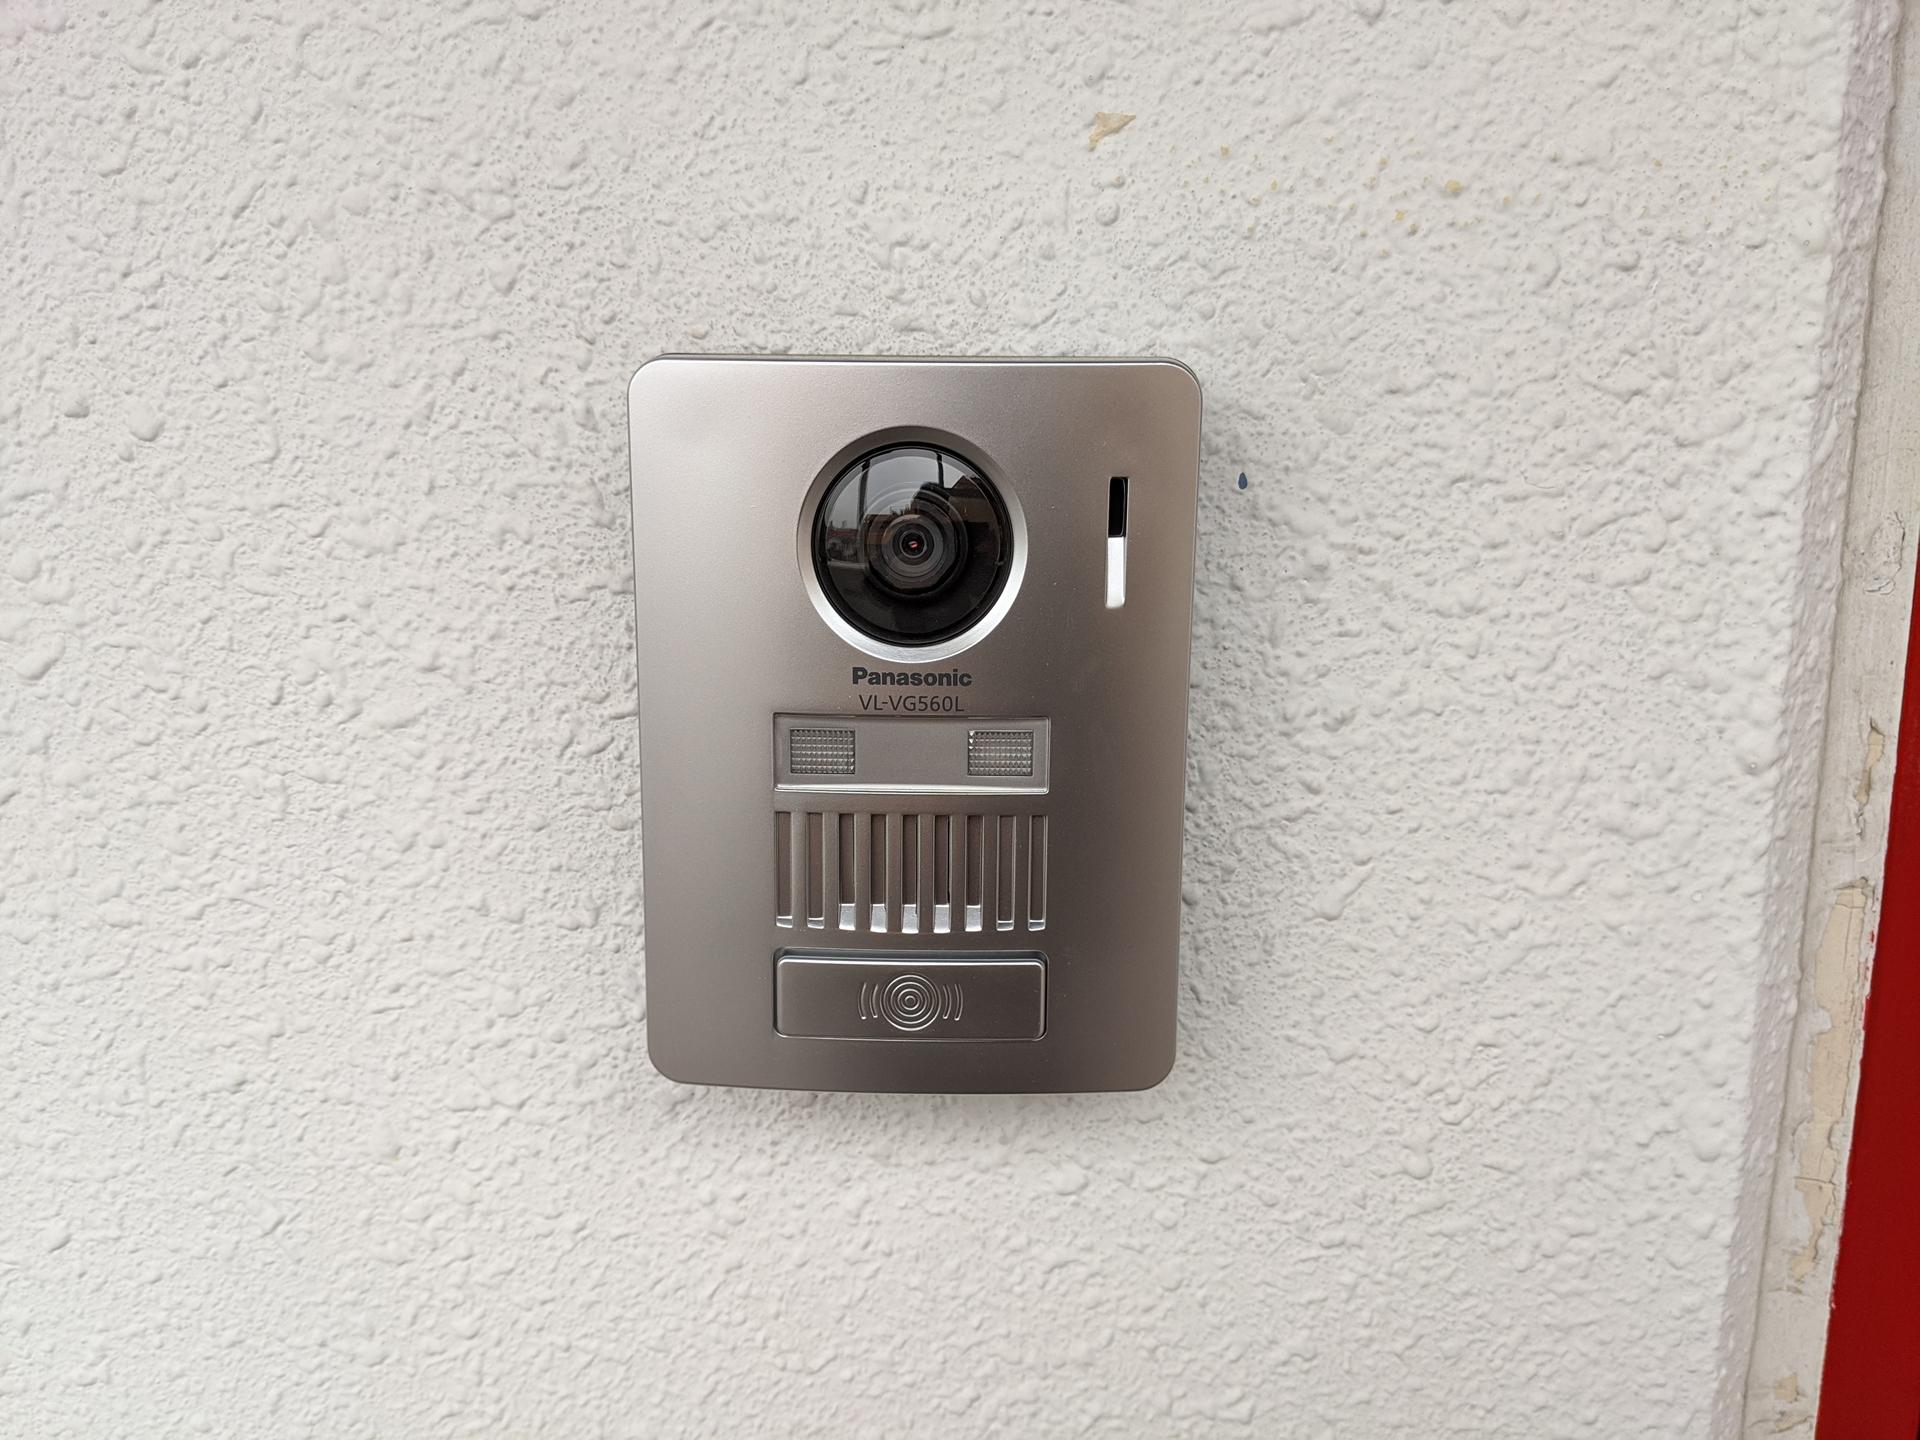 カメラ付きドアホンでセキュリティも安心